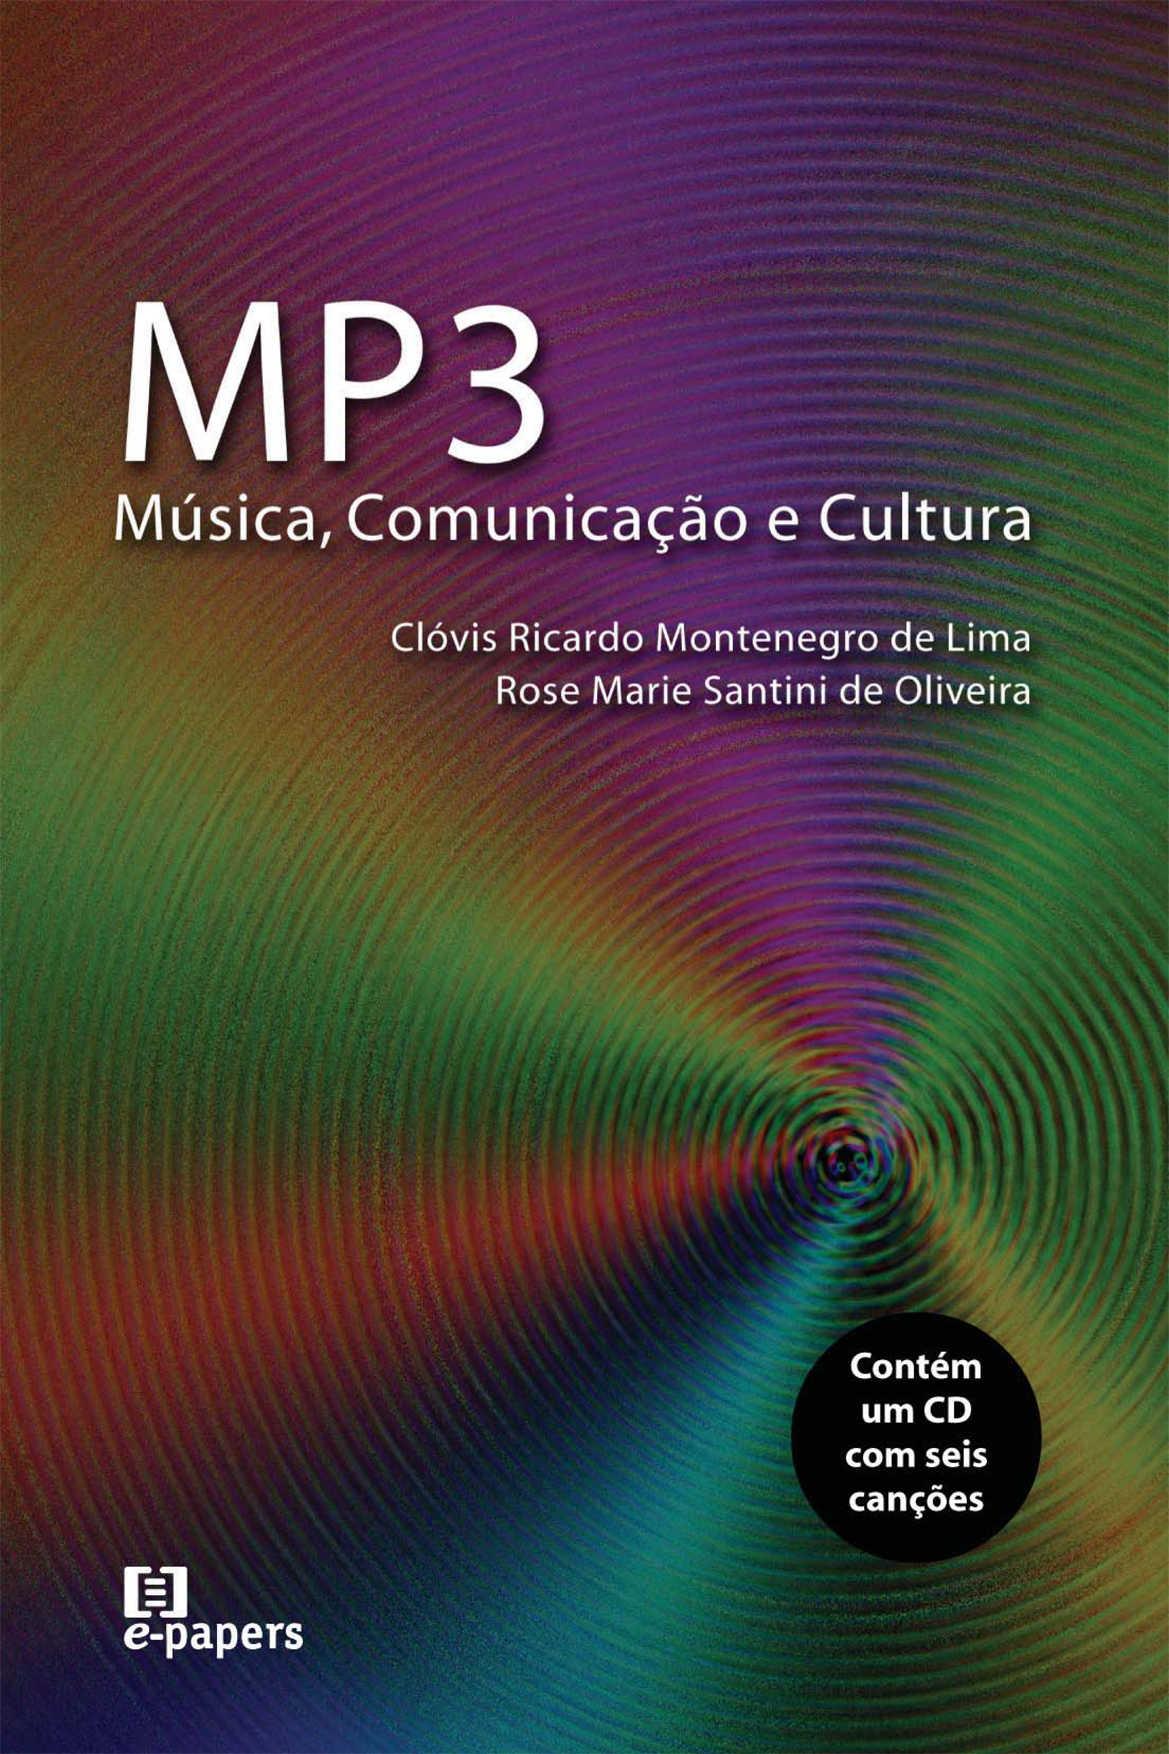 MP3: Música, Comunicação e Cultura